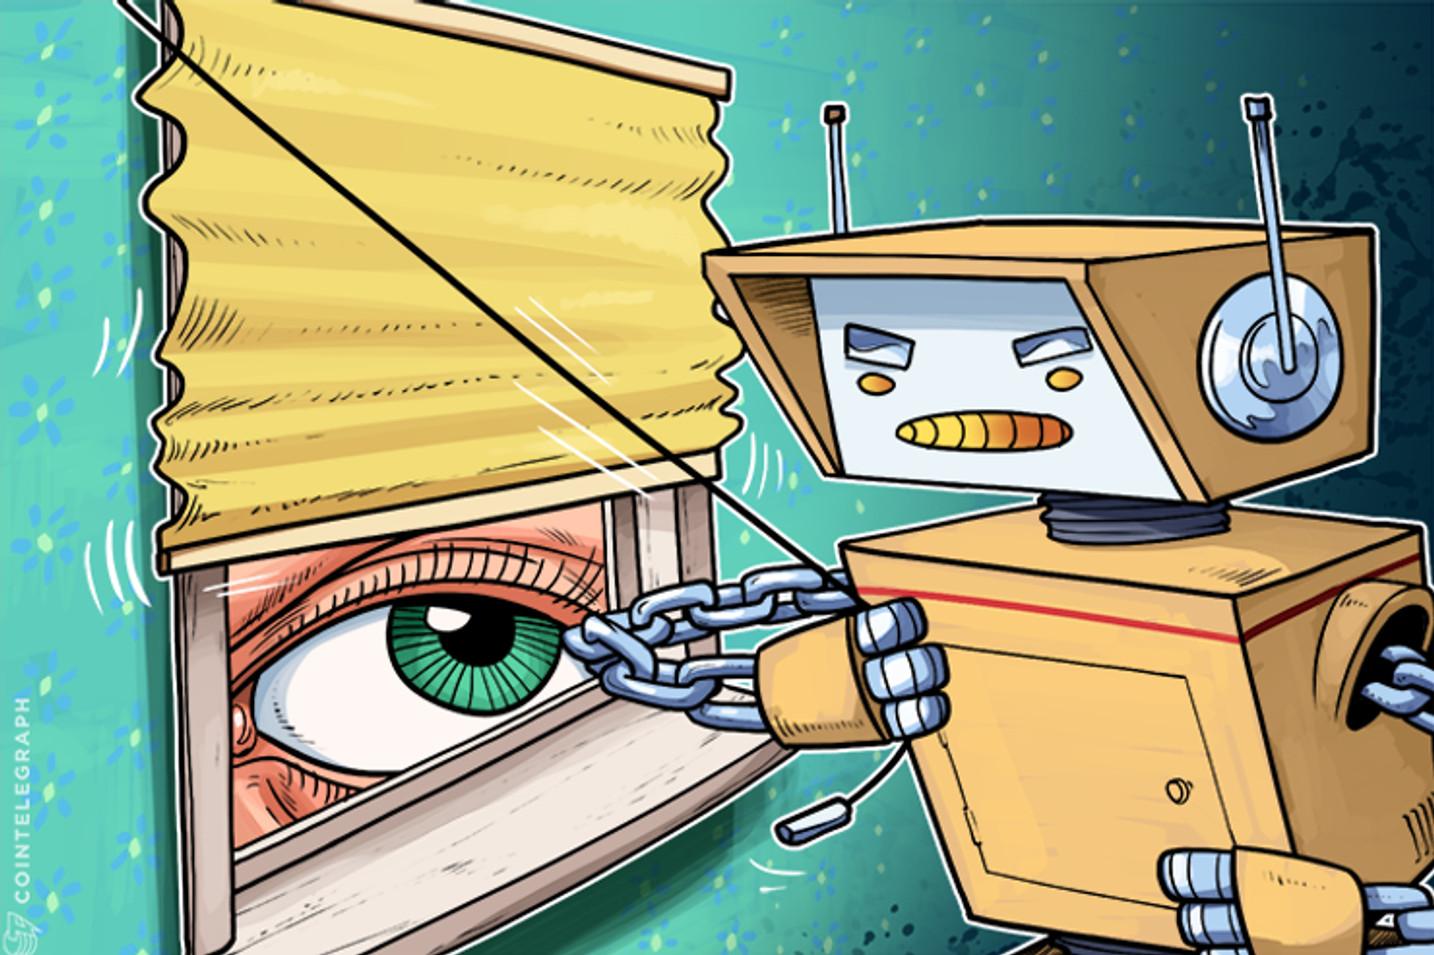 LuxTrust y Cambridge Blockchain anuncian beta privada para la plataforma IDKEEP